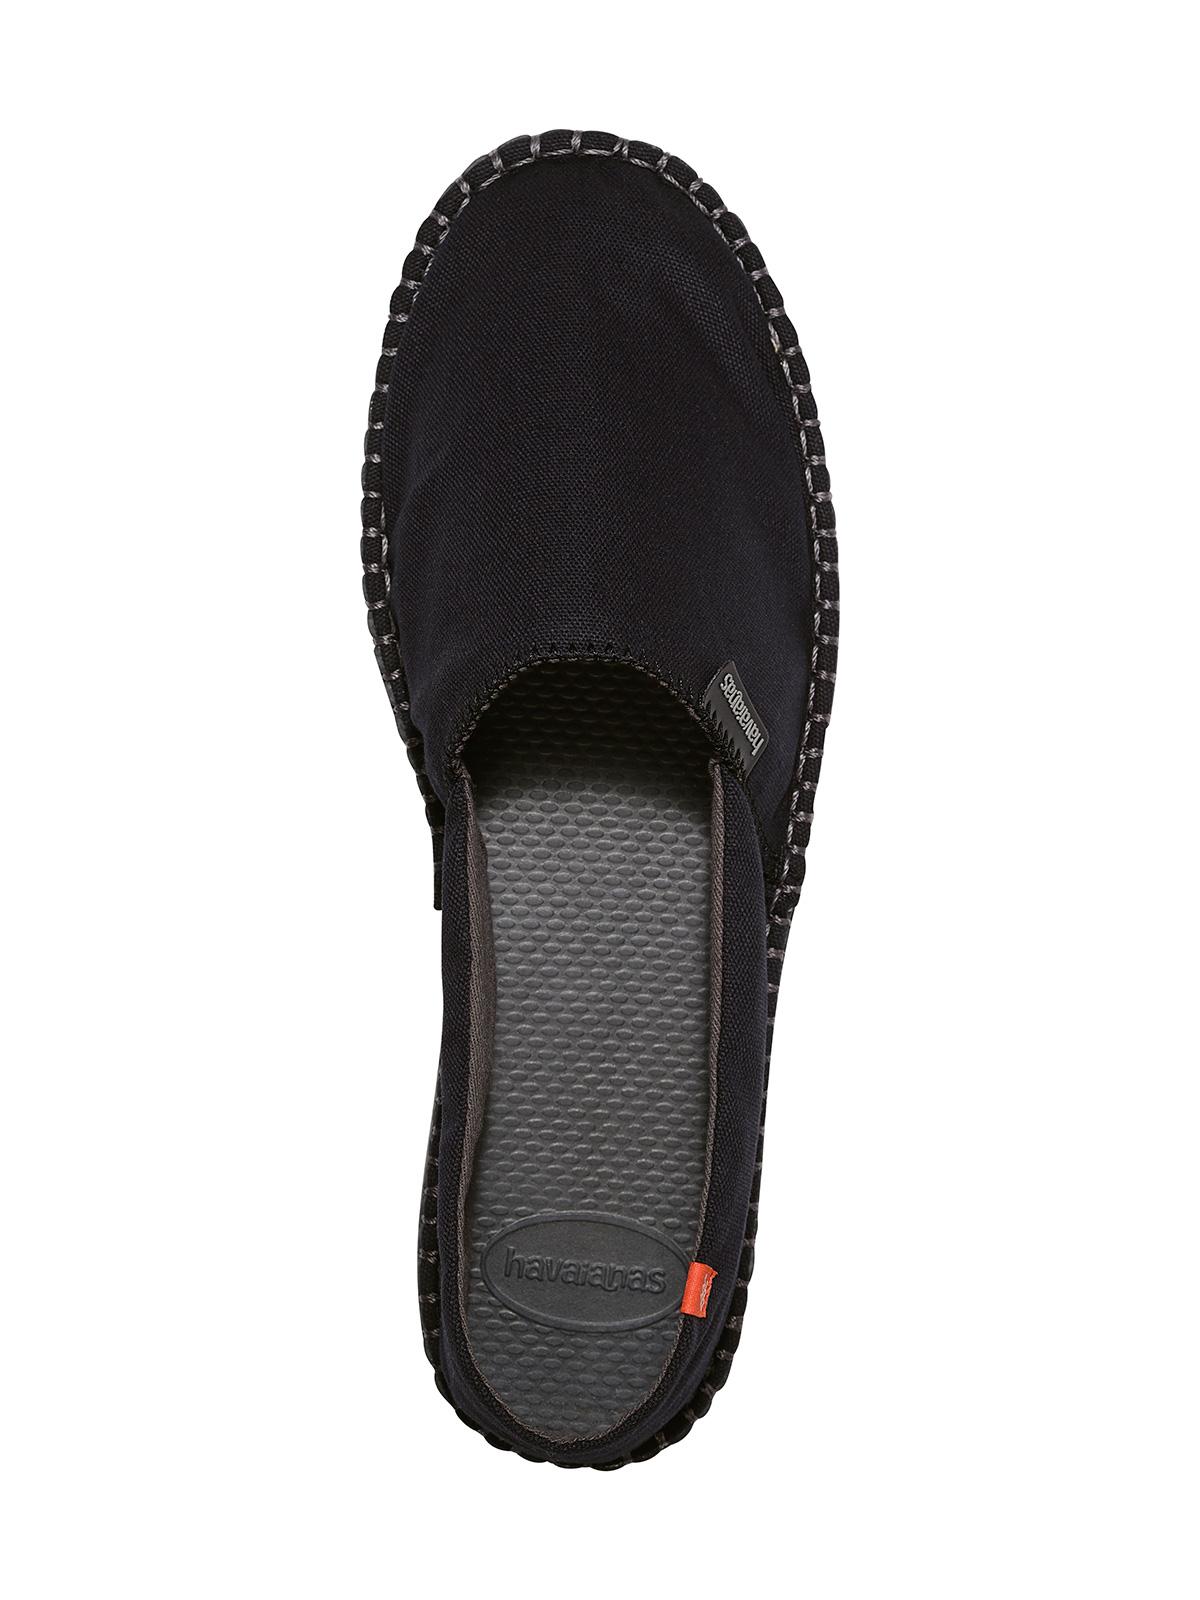 Alpargatas negras de tela y suela de goma , Origine II Black